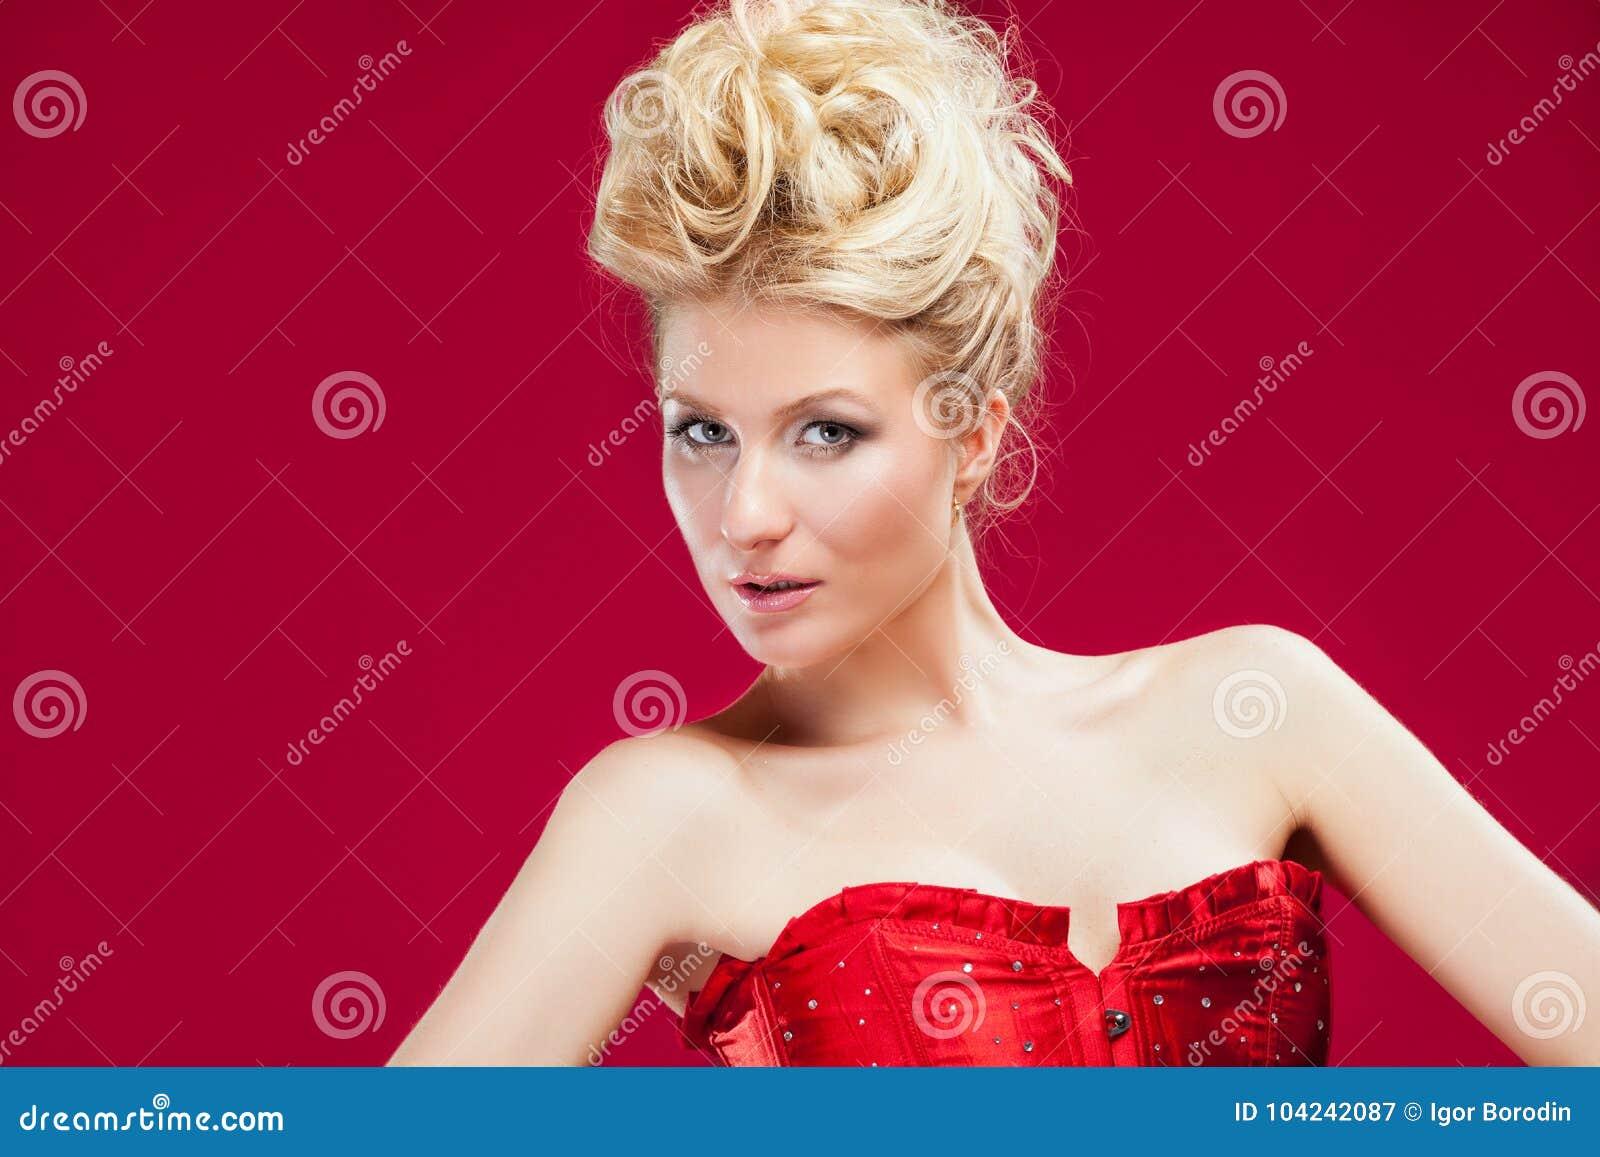 Donna Bionda In Vestito Rosso Immagine Stock - Immagine di ...